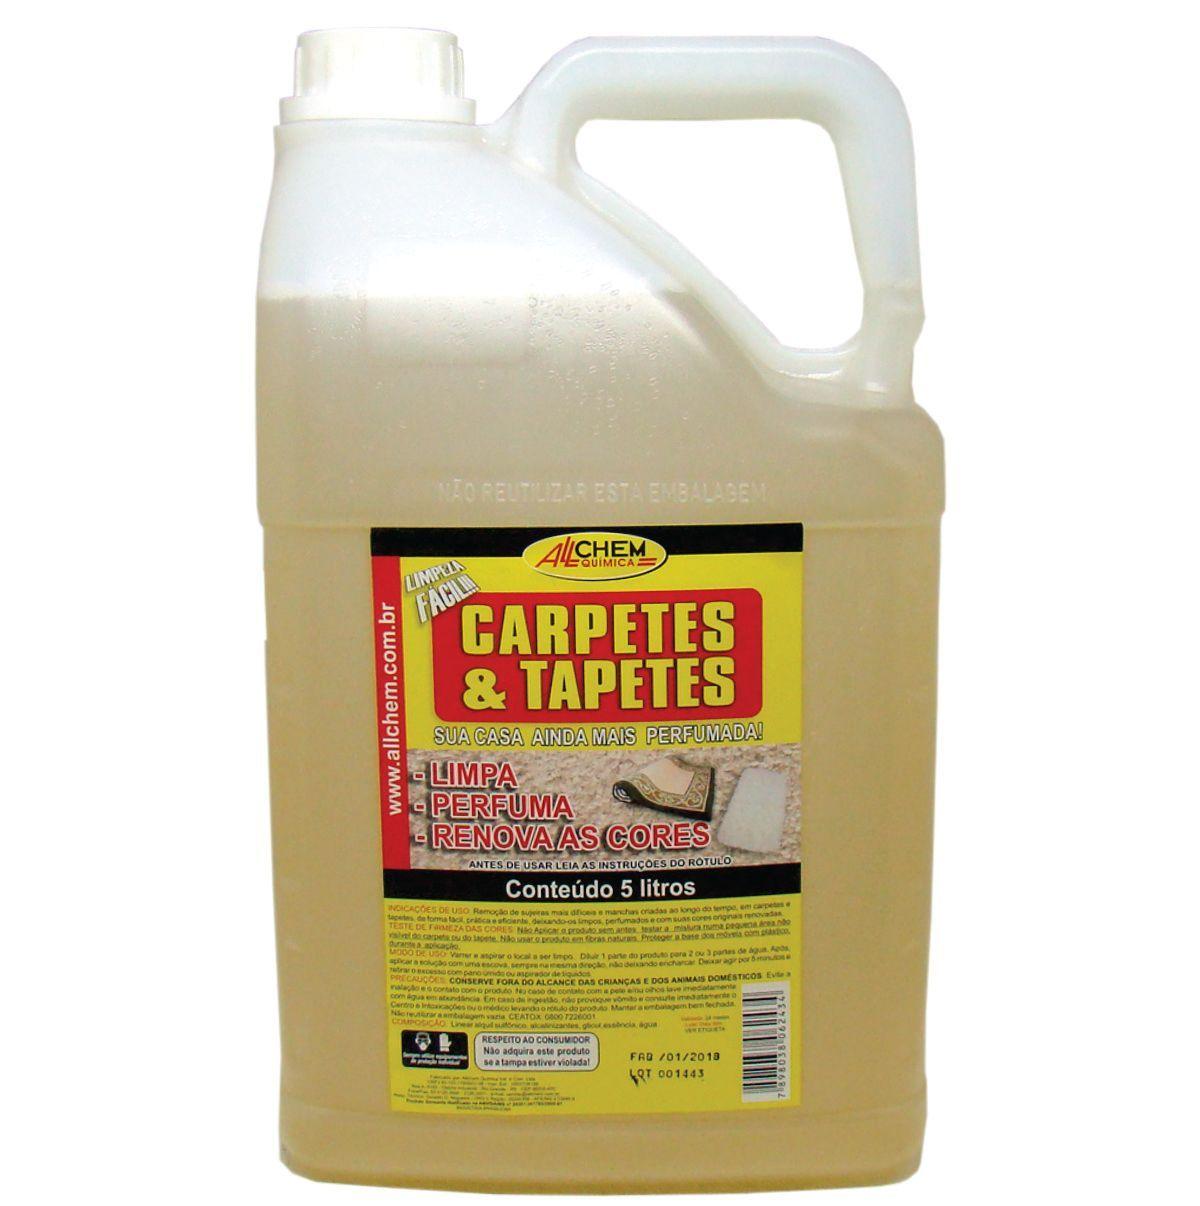 limpa-carpetes-e-tapetes-allchem